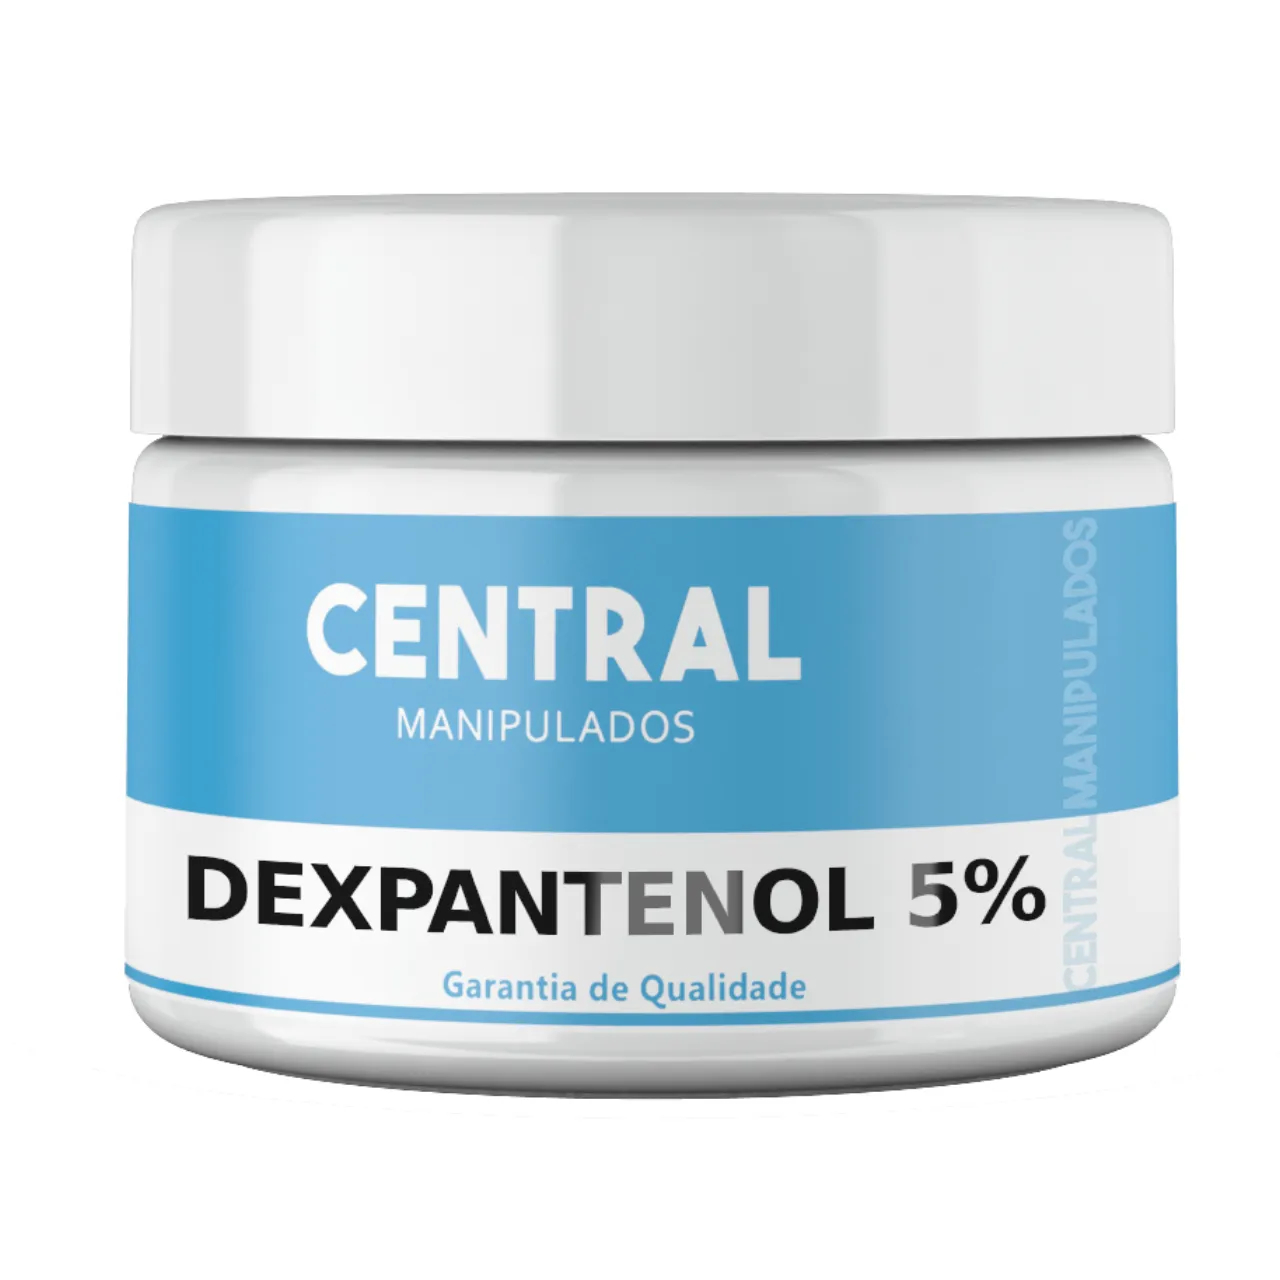 Dexpantenol 5% Creme 100g - Hidratante e Antioxidante, Espessura dos fios e Reduz a Porosidade, Sela as cutículas